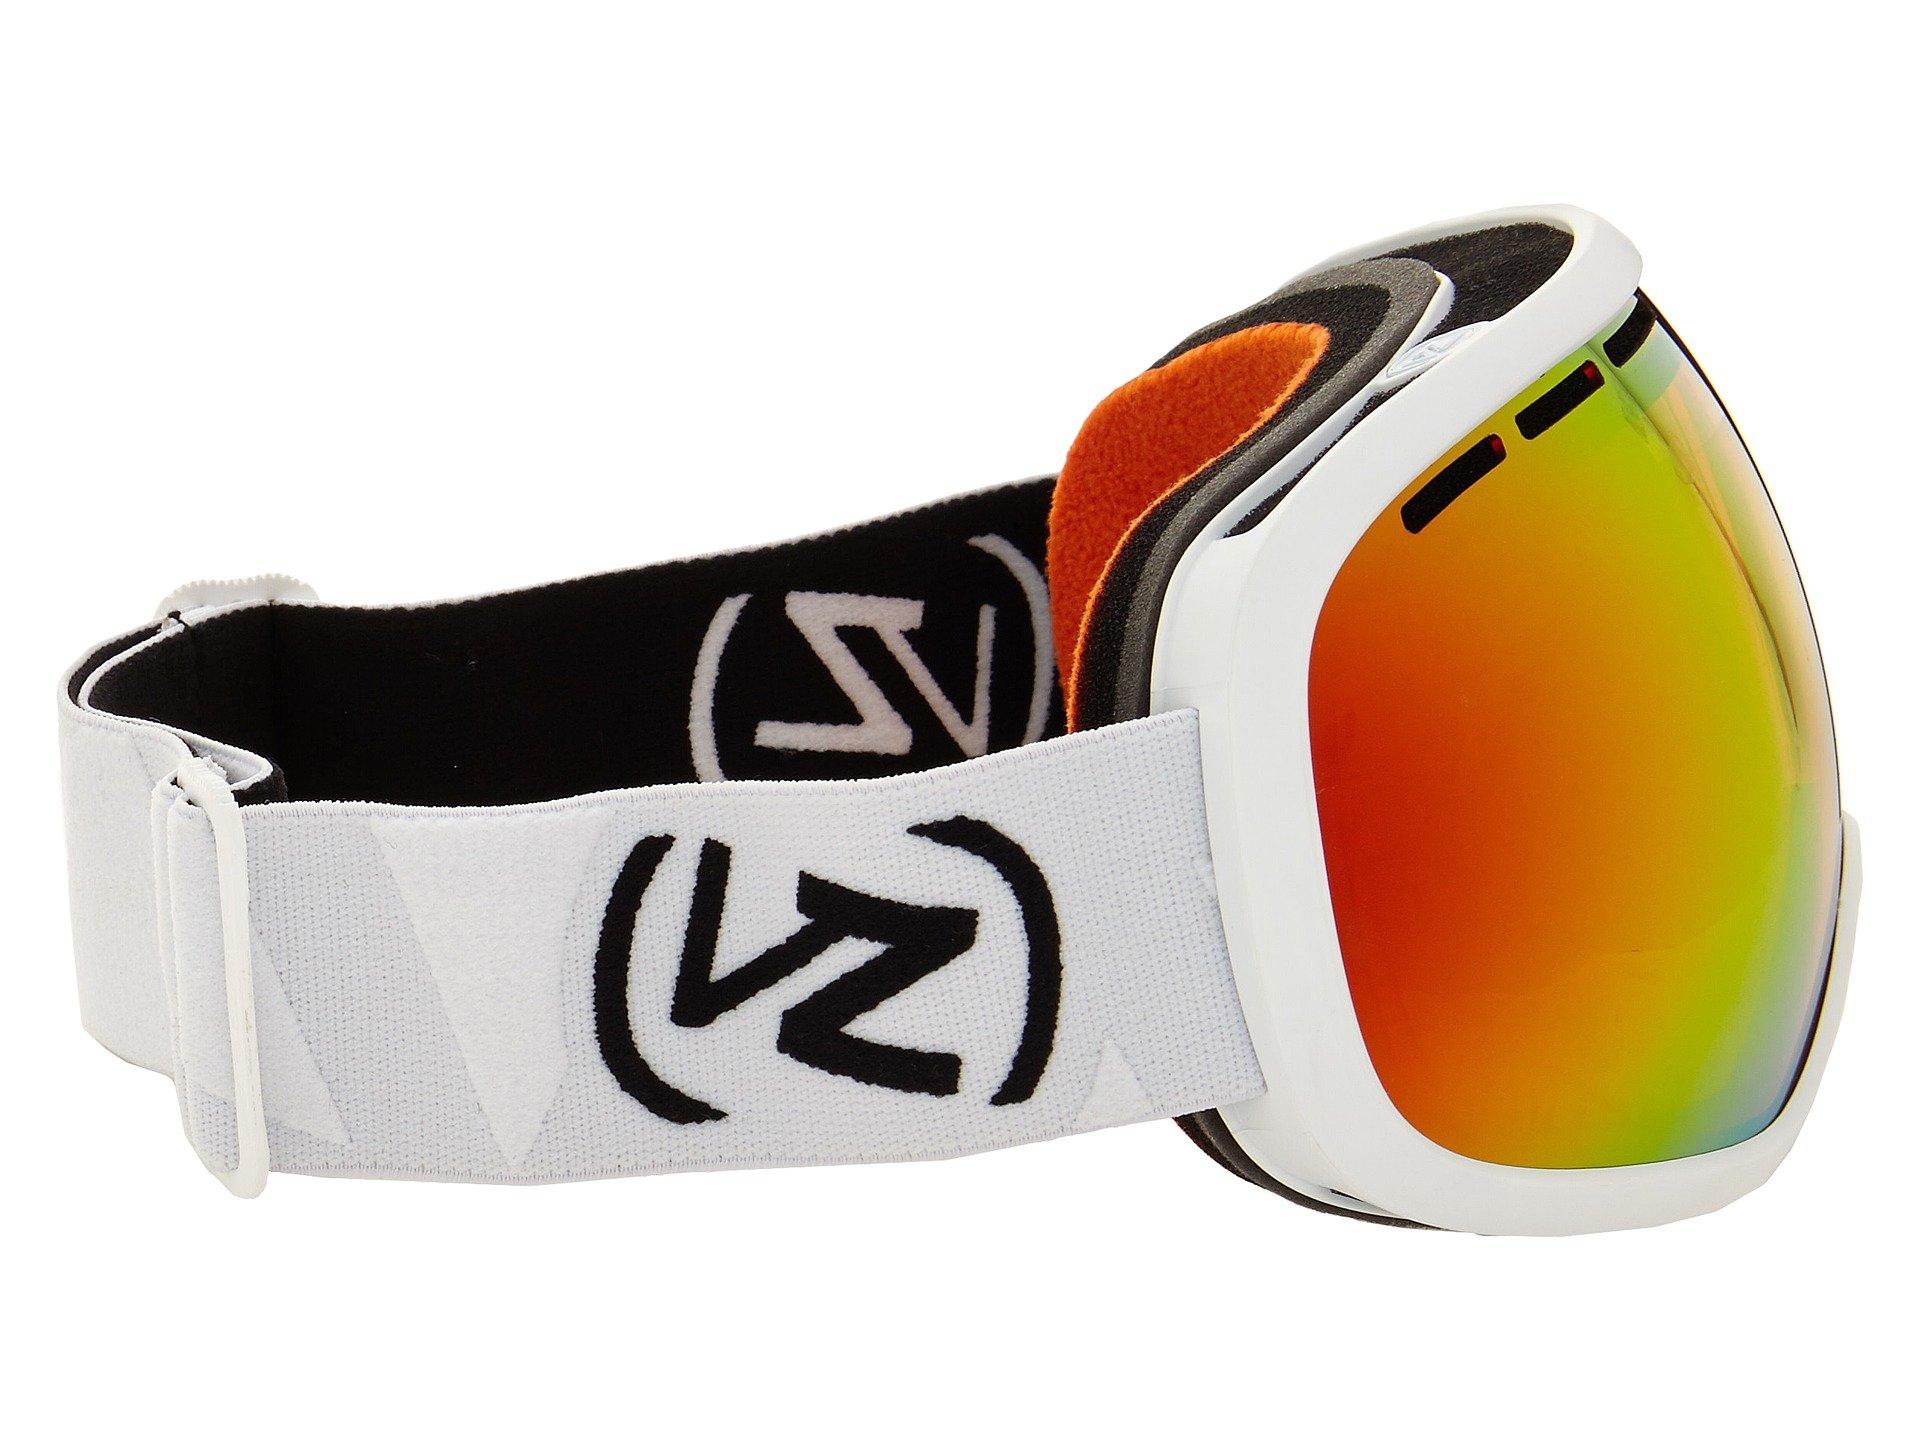 Snowboarding VonZipper Fishbowl  + VonZipper en VeoyCompro.net